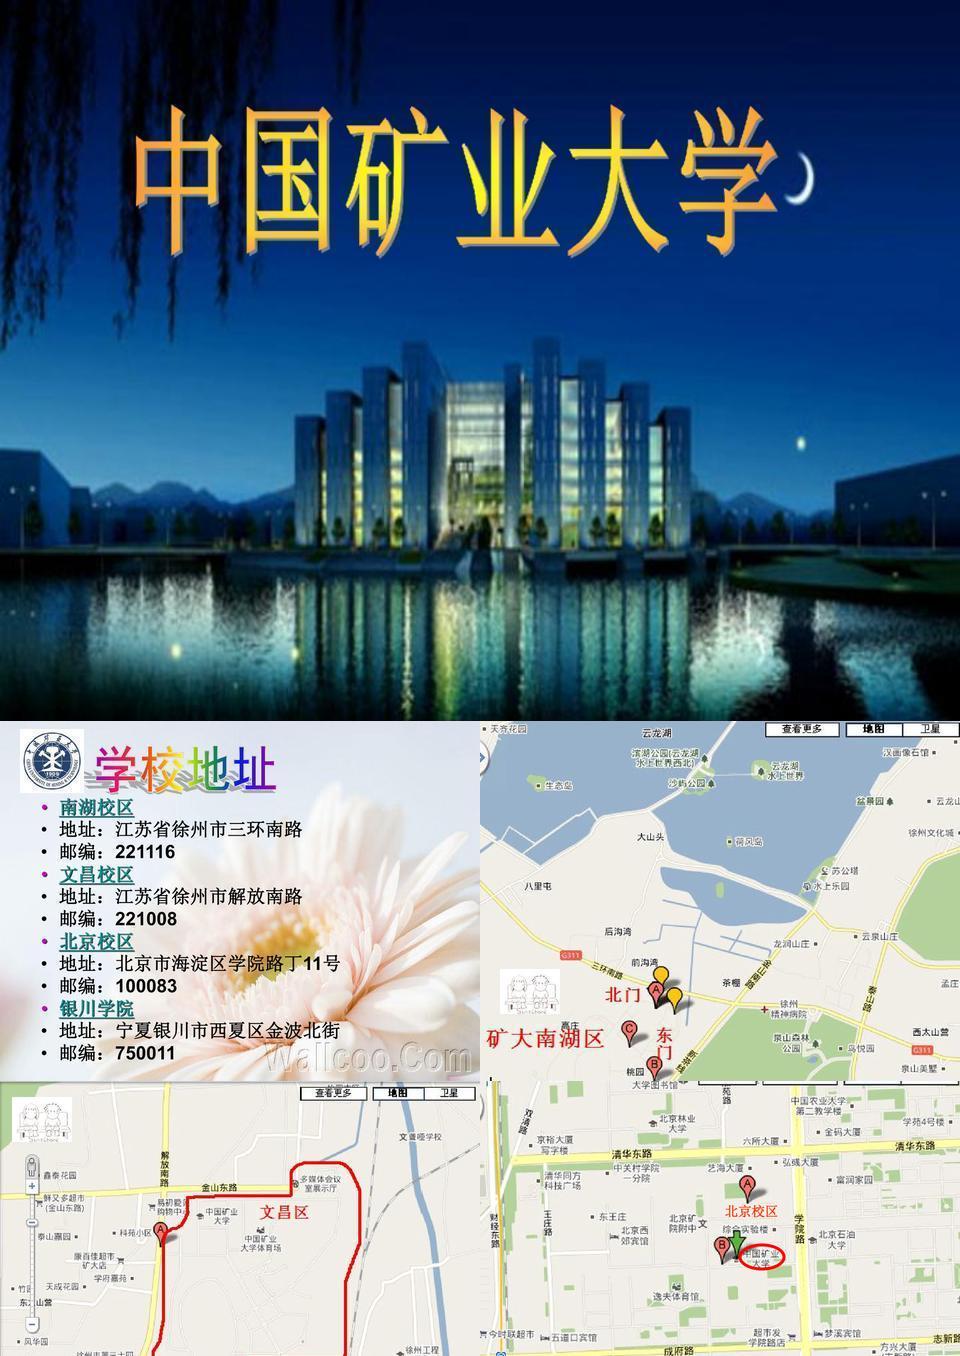 中国矿业大学.ppt